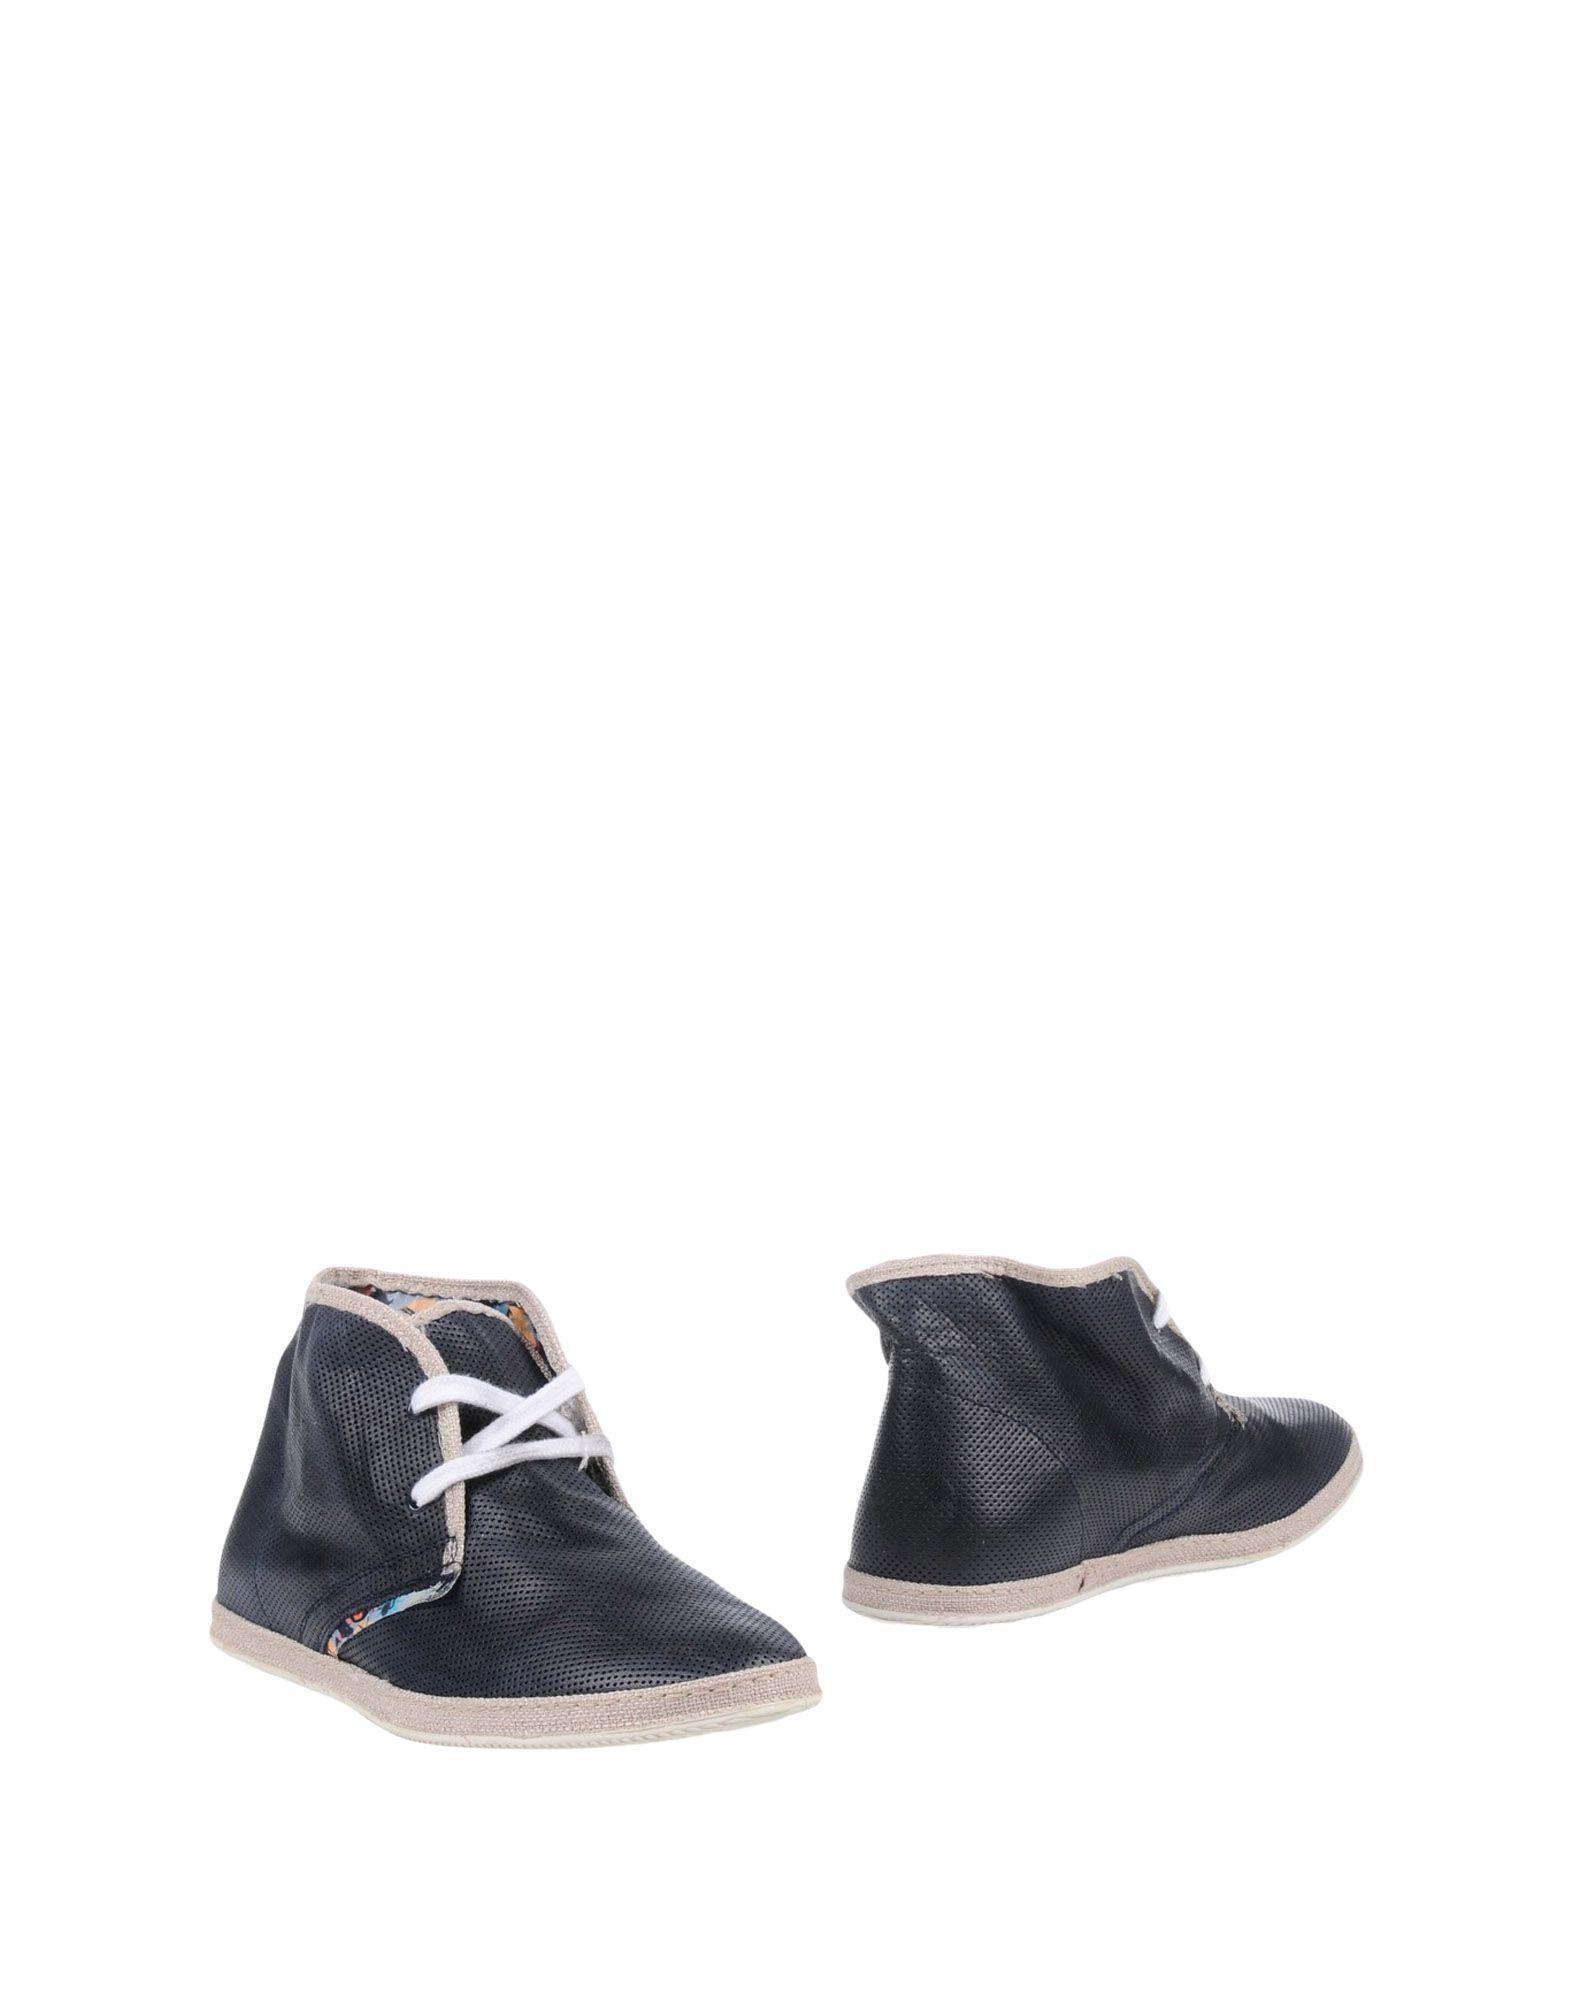 LE CROWN Ankle boot Black Men